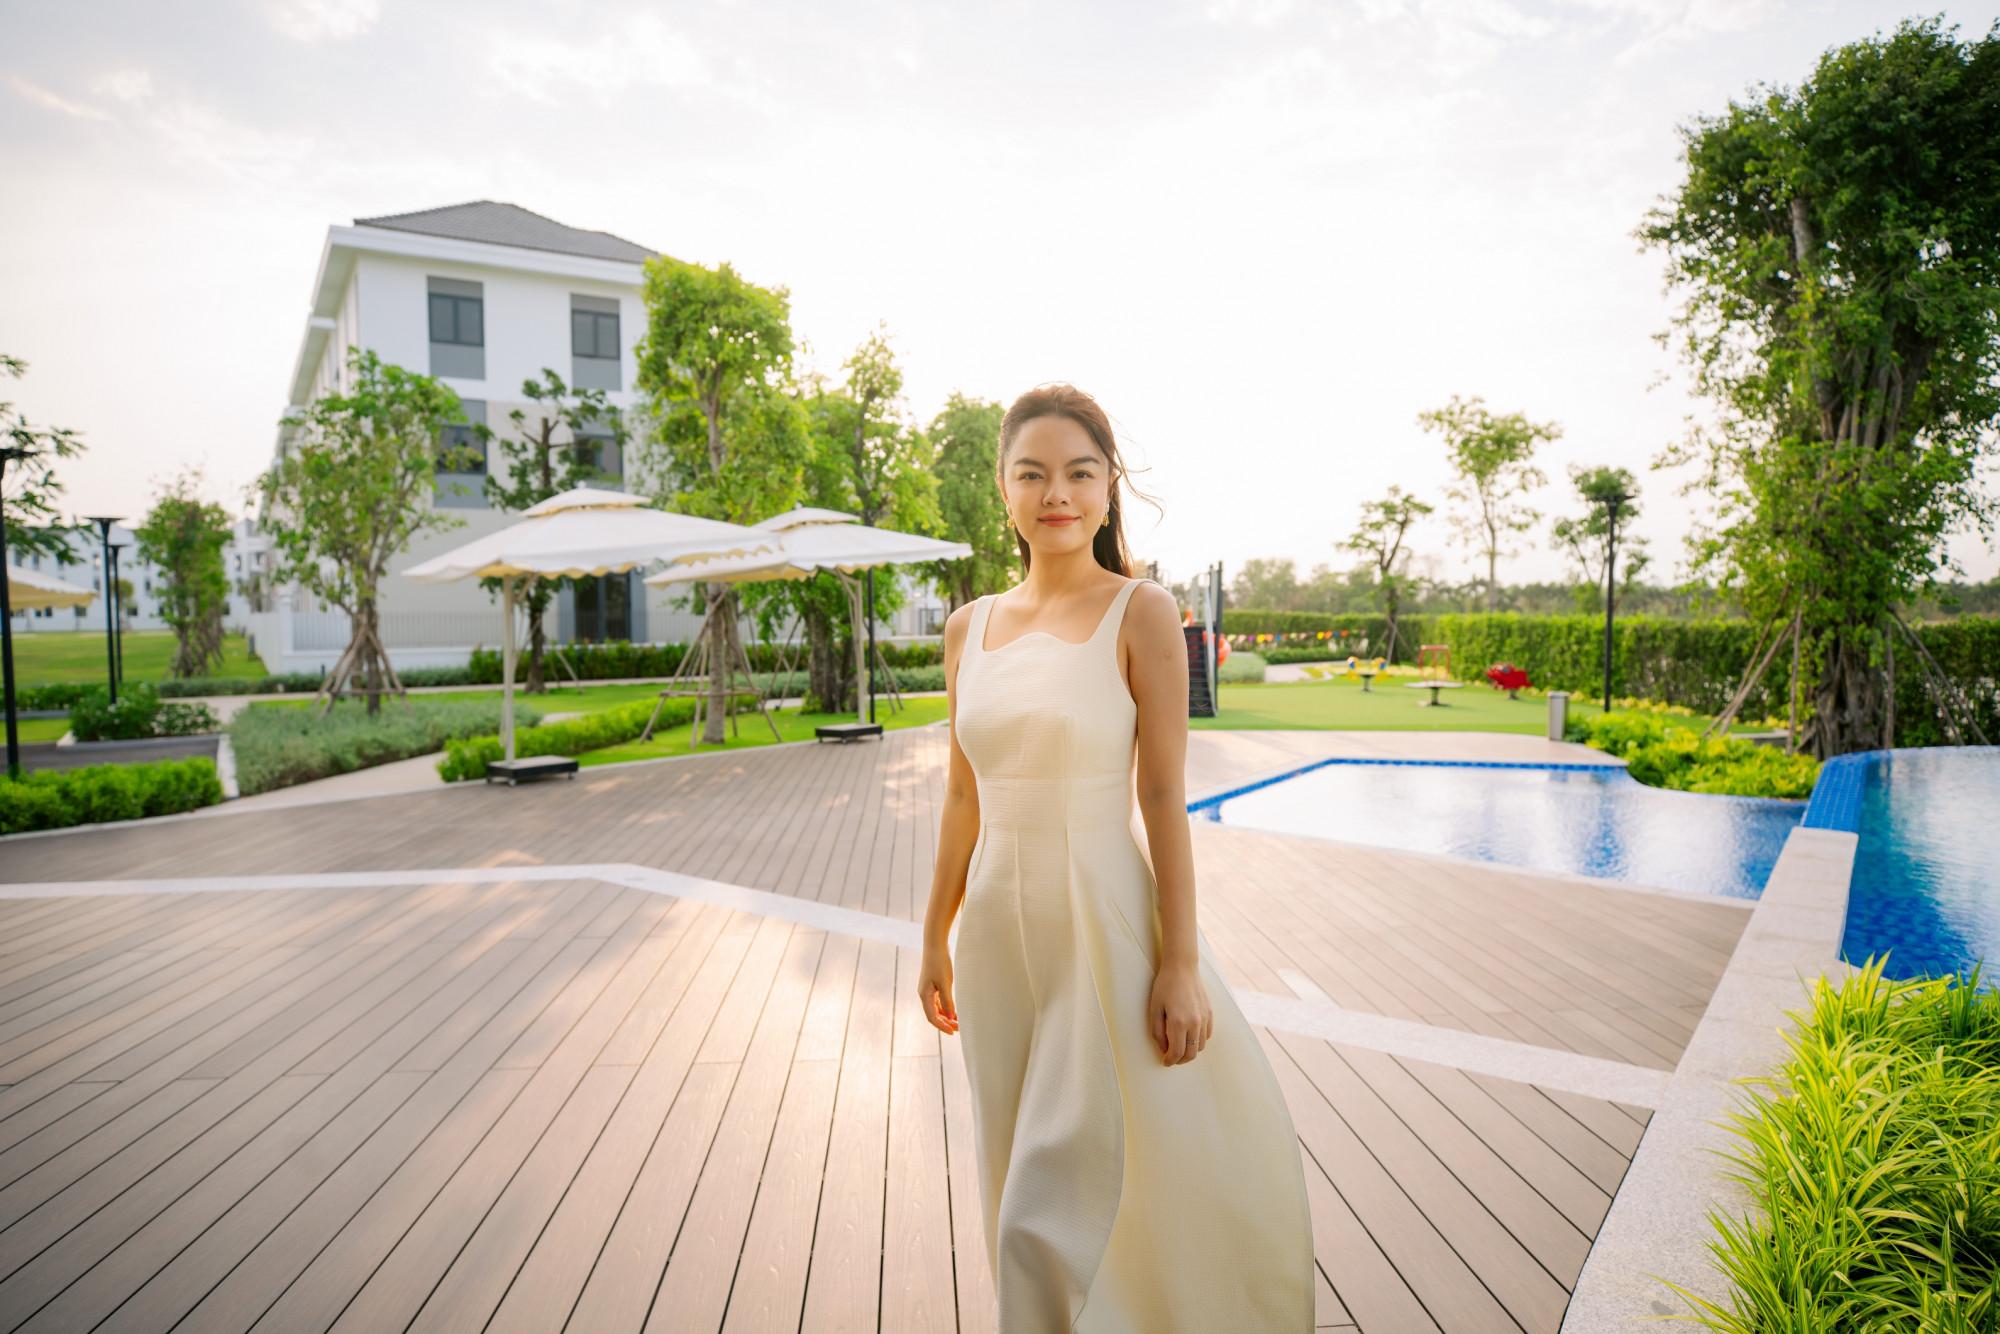 Sở hữu hai nhà phố tại Aqua City, Phạm Quỳnh Anh mong một ngày không xa cả gia đình tận hưởng cuộc sống tươi đẹp tại nơi này -  Ảnh: Novaland